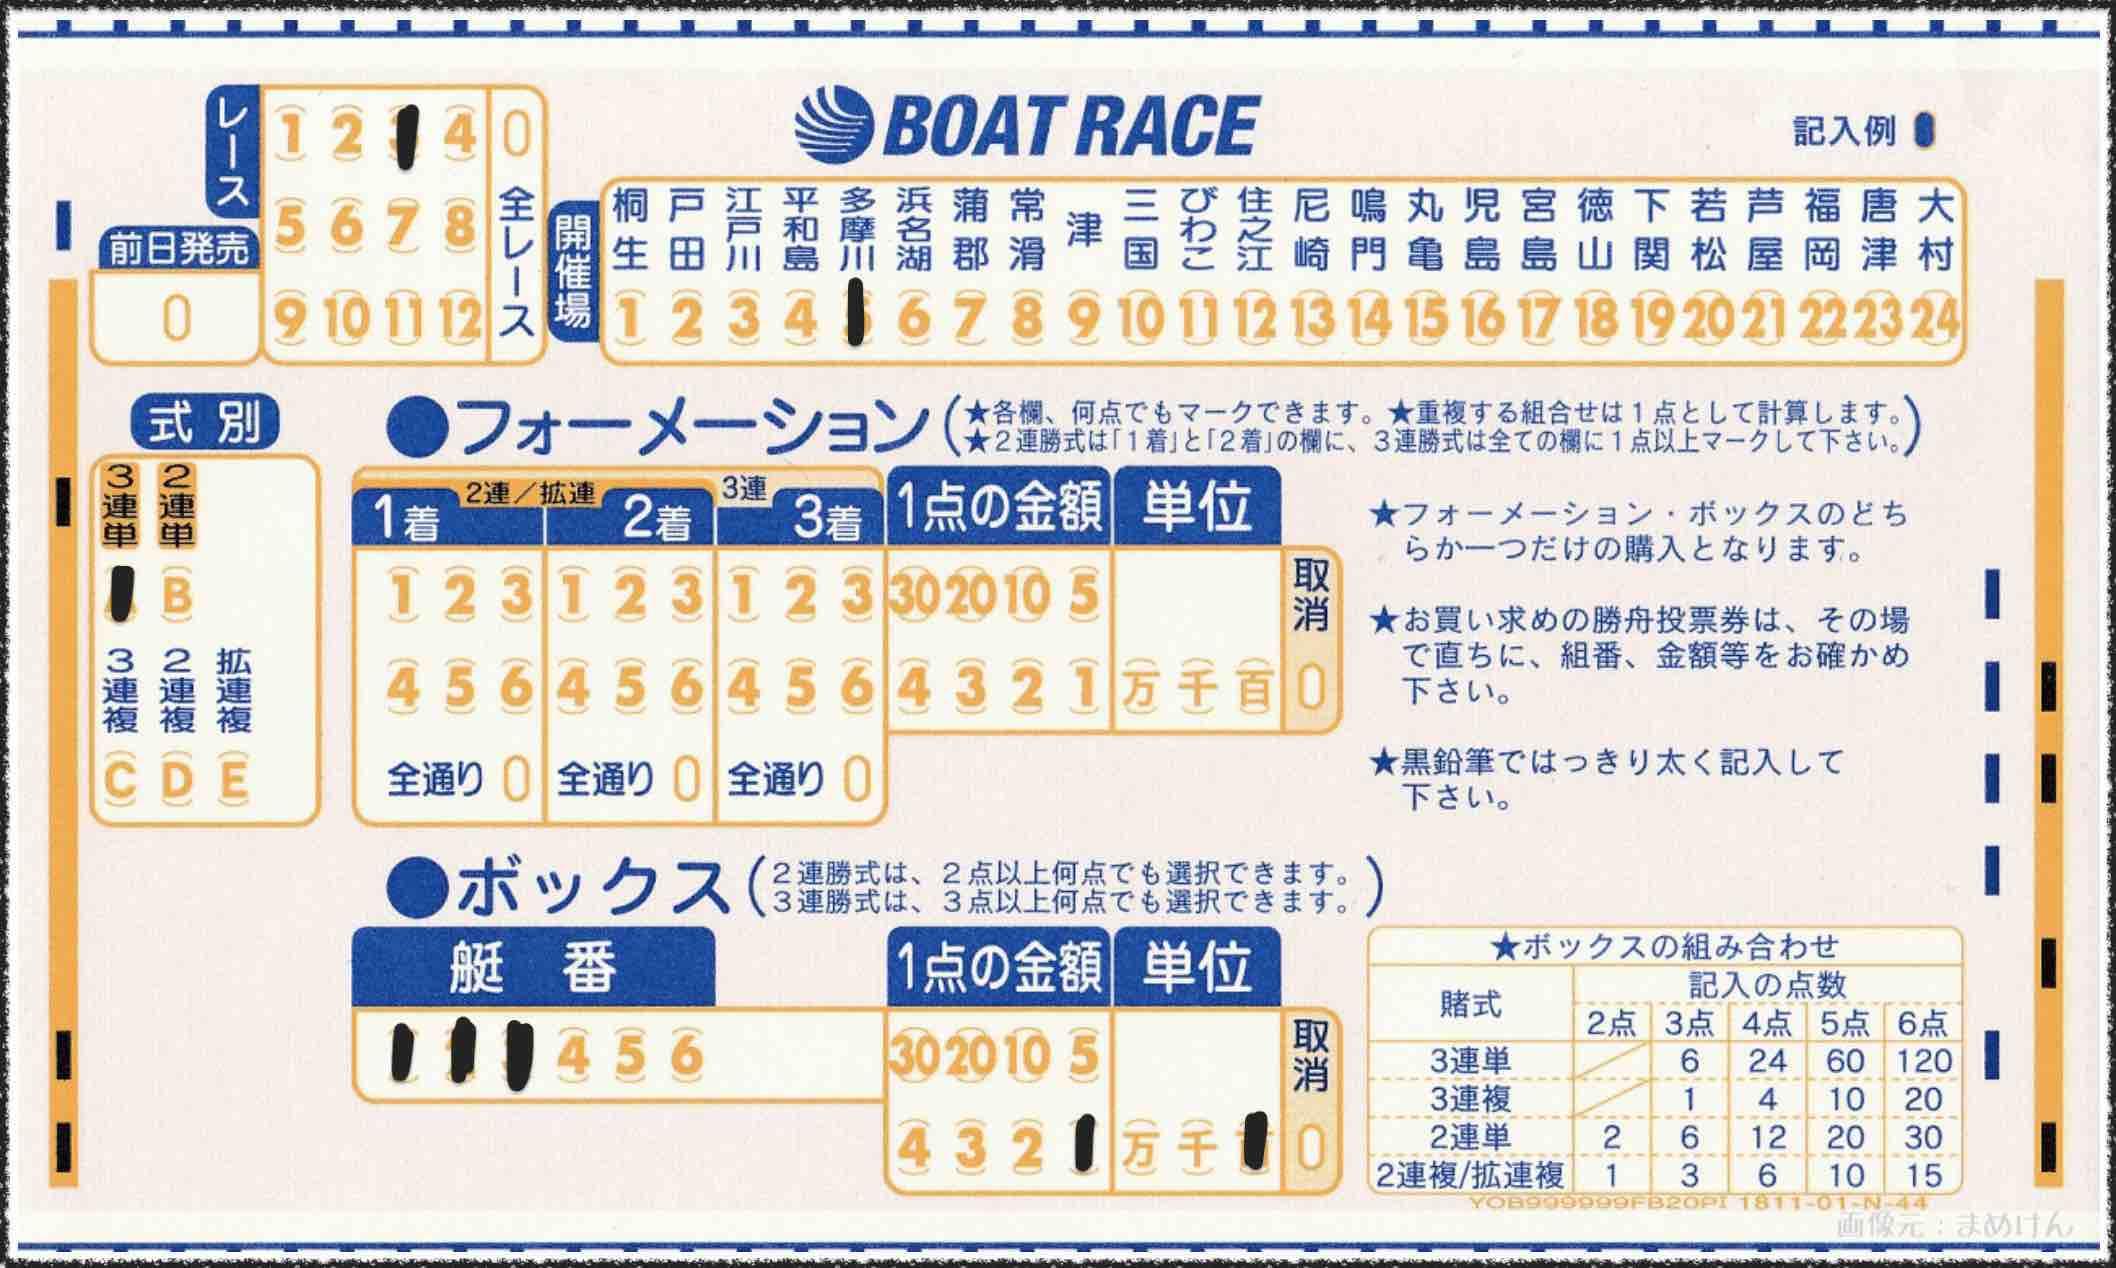 競艇ボートレースの舟券購入に使うマークシートの書き方、BOX買い_ボックス買い